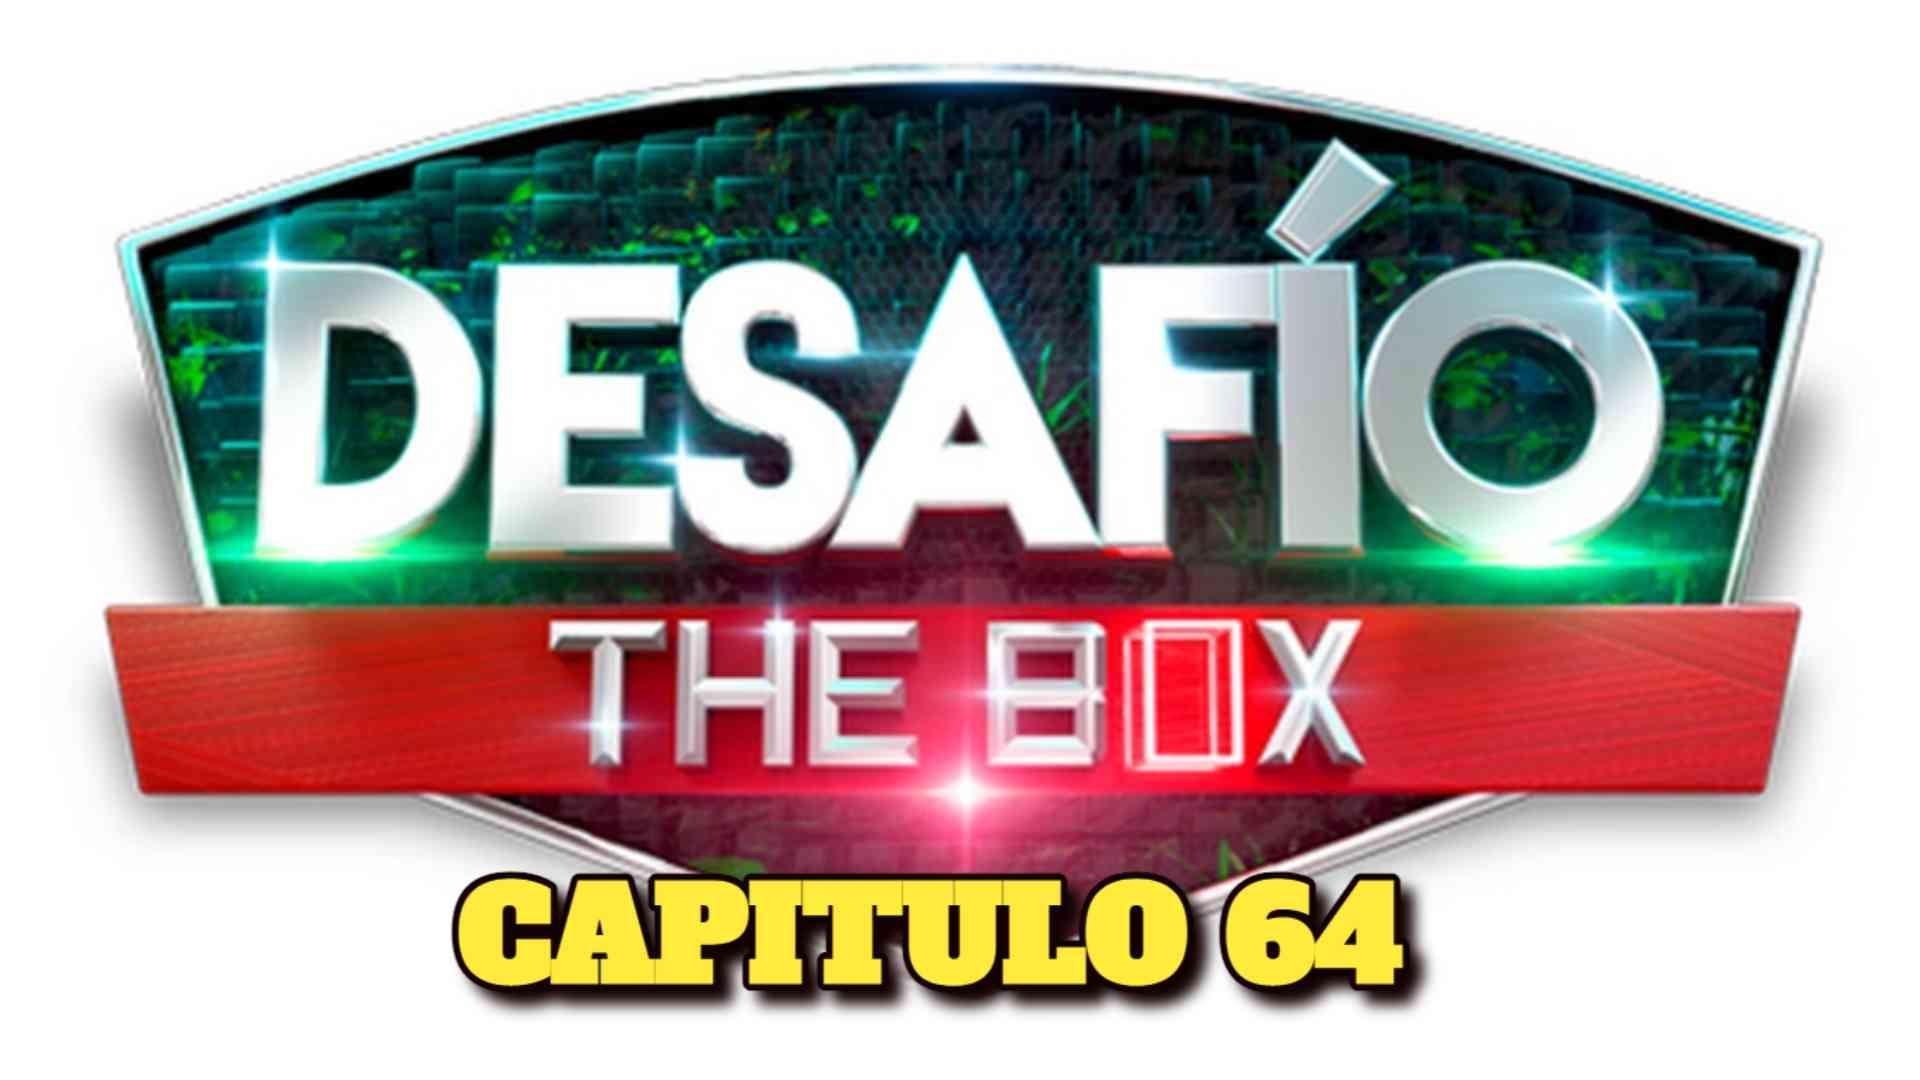 Desafio The Box 2021 CAPITULO 64